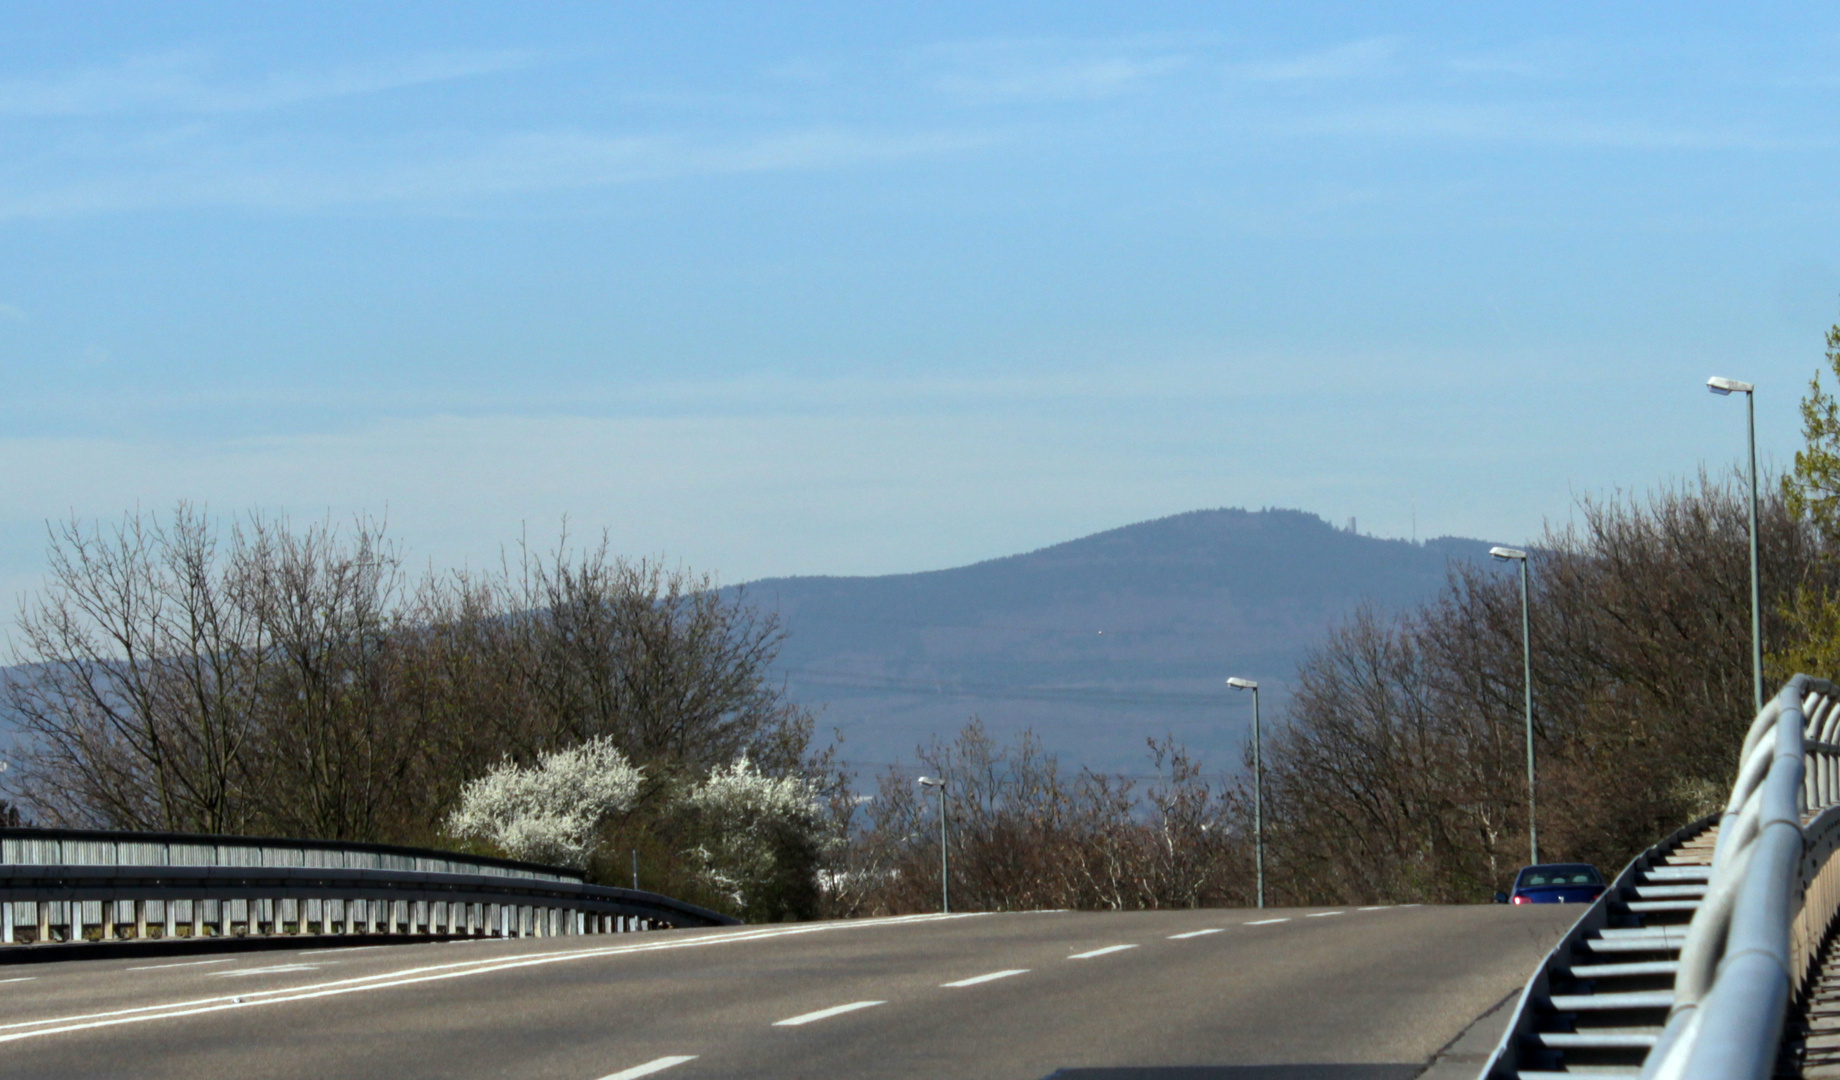 Bergauf-Bergab - mit Blick zu den Großen Feldberg